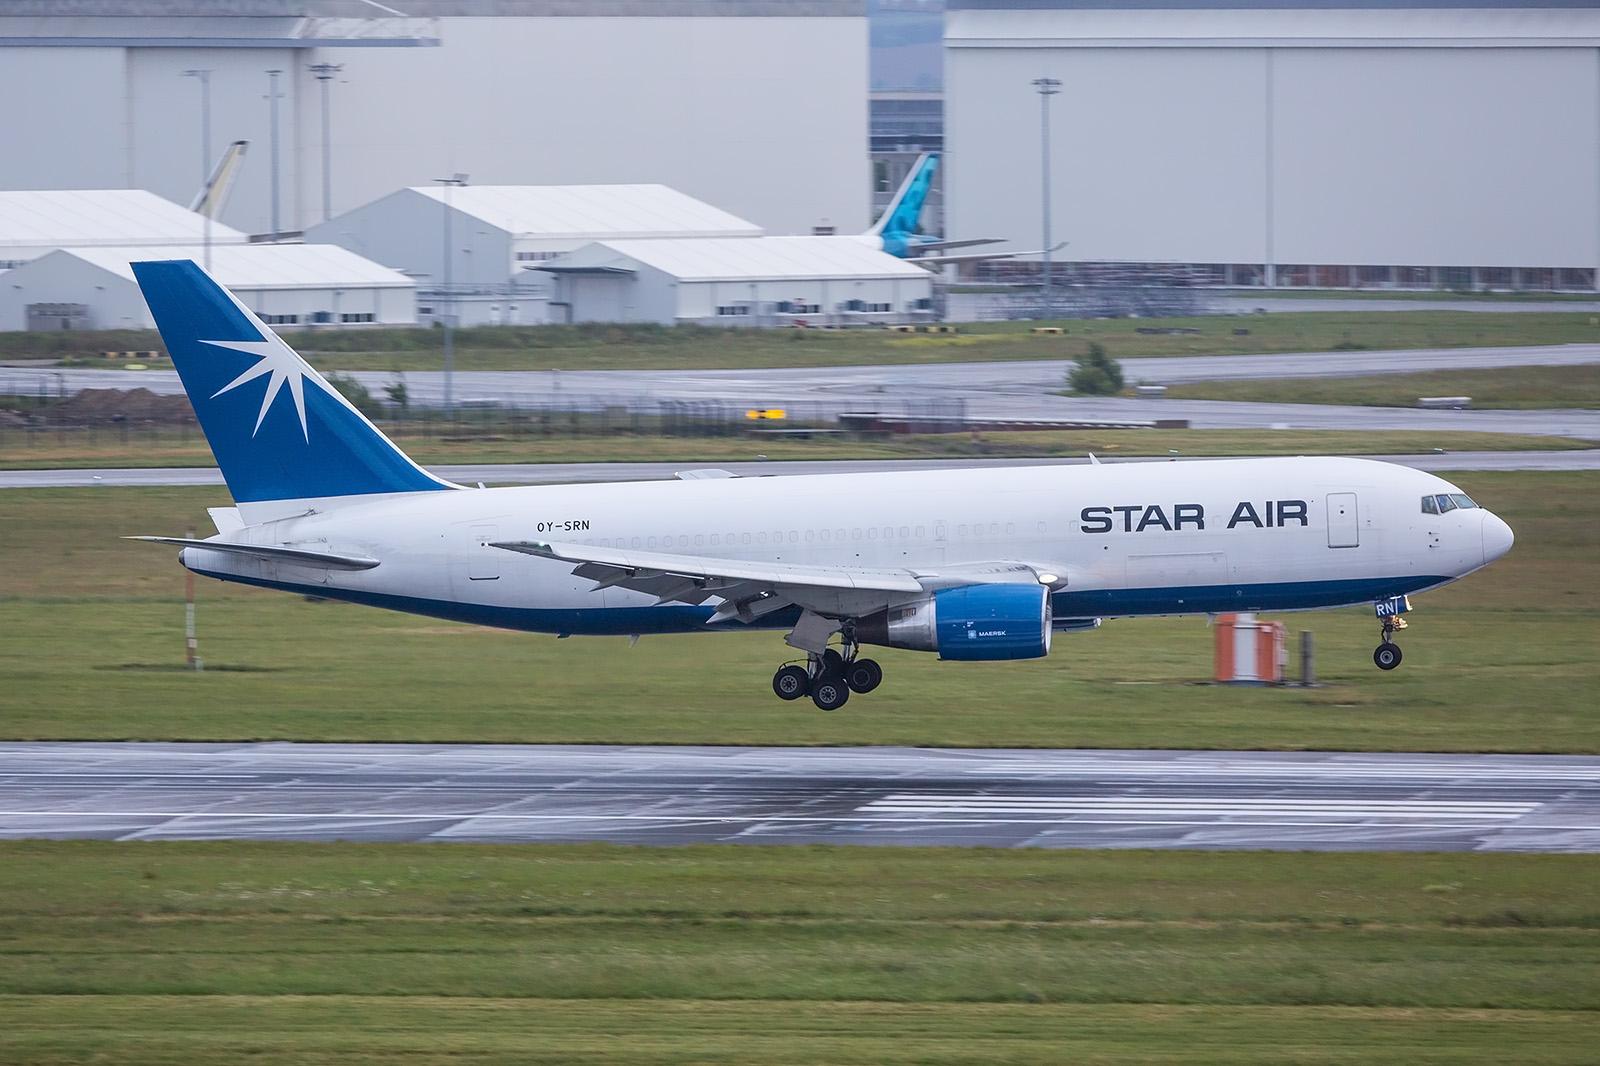 Einer der morgendlichen Frachtkurse ist die Boeing 767-200 der Star Air.